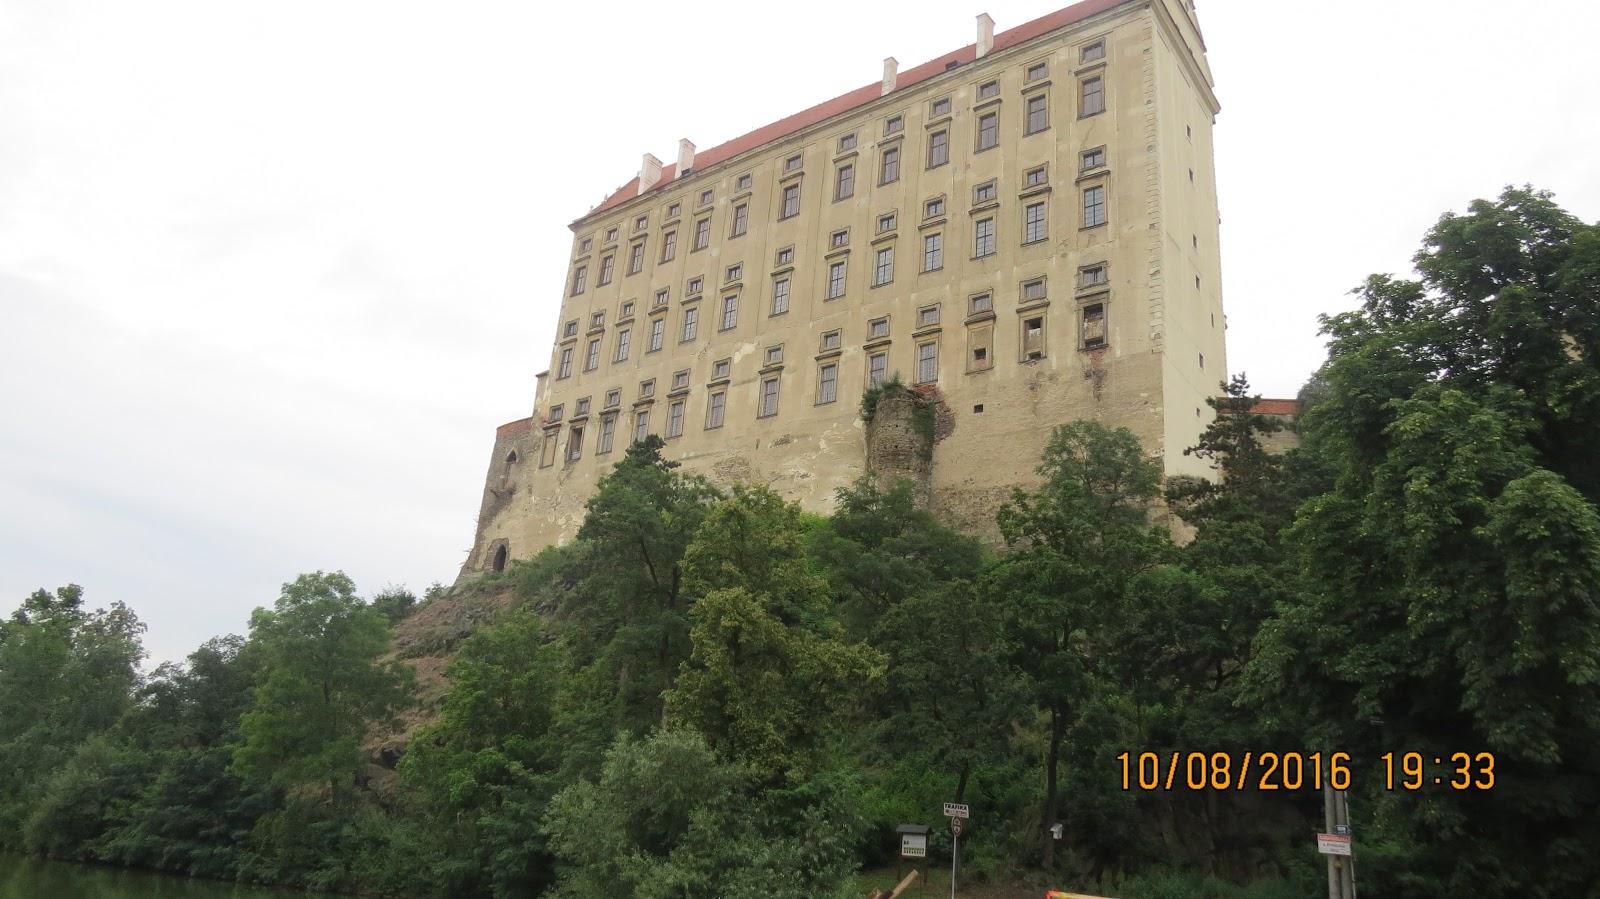 Et vanvittig imponerende byggverk midt ute i ingenting. Men det skulle vært enda større. De opprinnelige planene gikk ut på at alle de fire fløyene av slottet skulle være like høye.